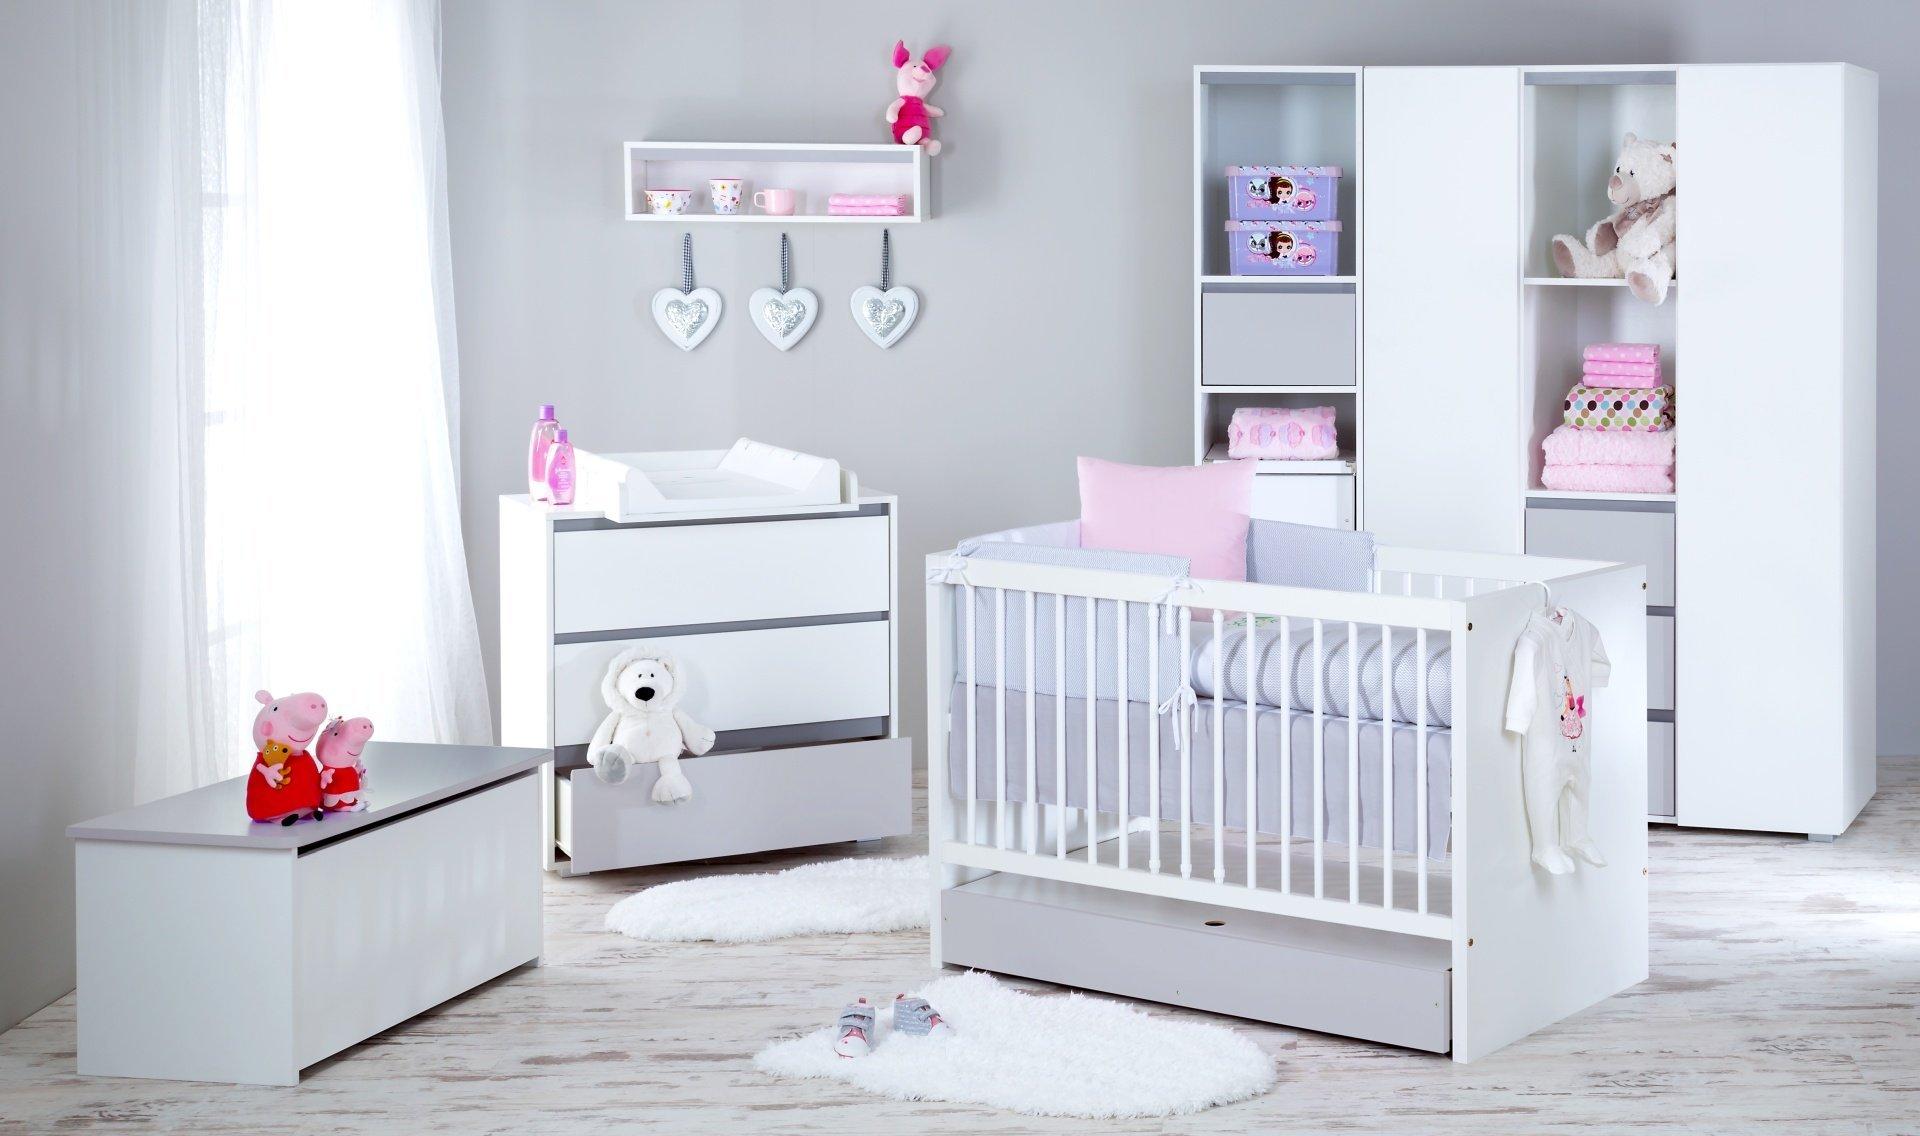 Detsk� izba Dalia s postie�kou 140x70 cm siv� - zv��i� obr�zok